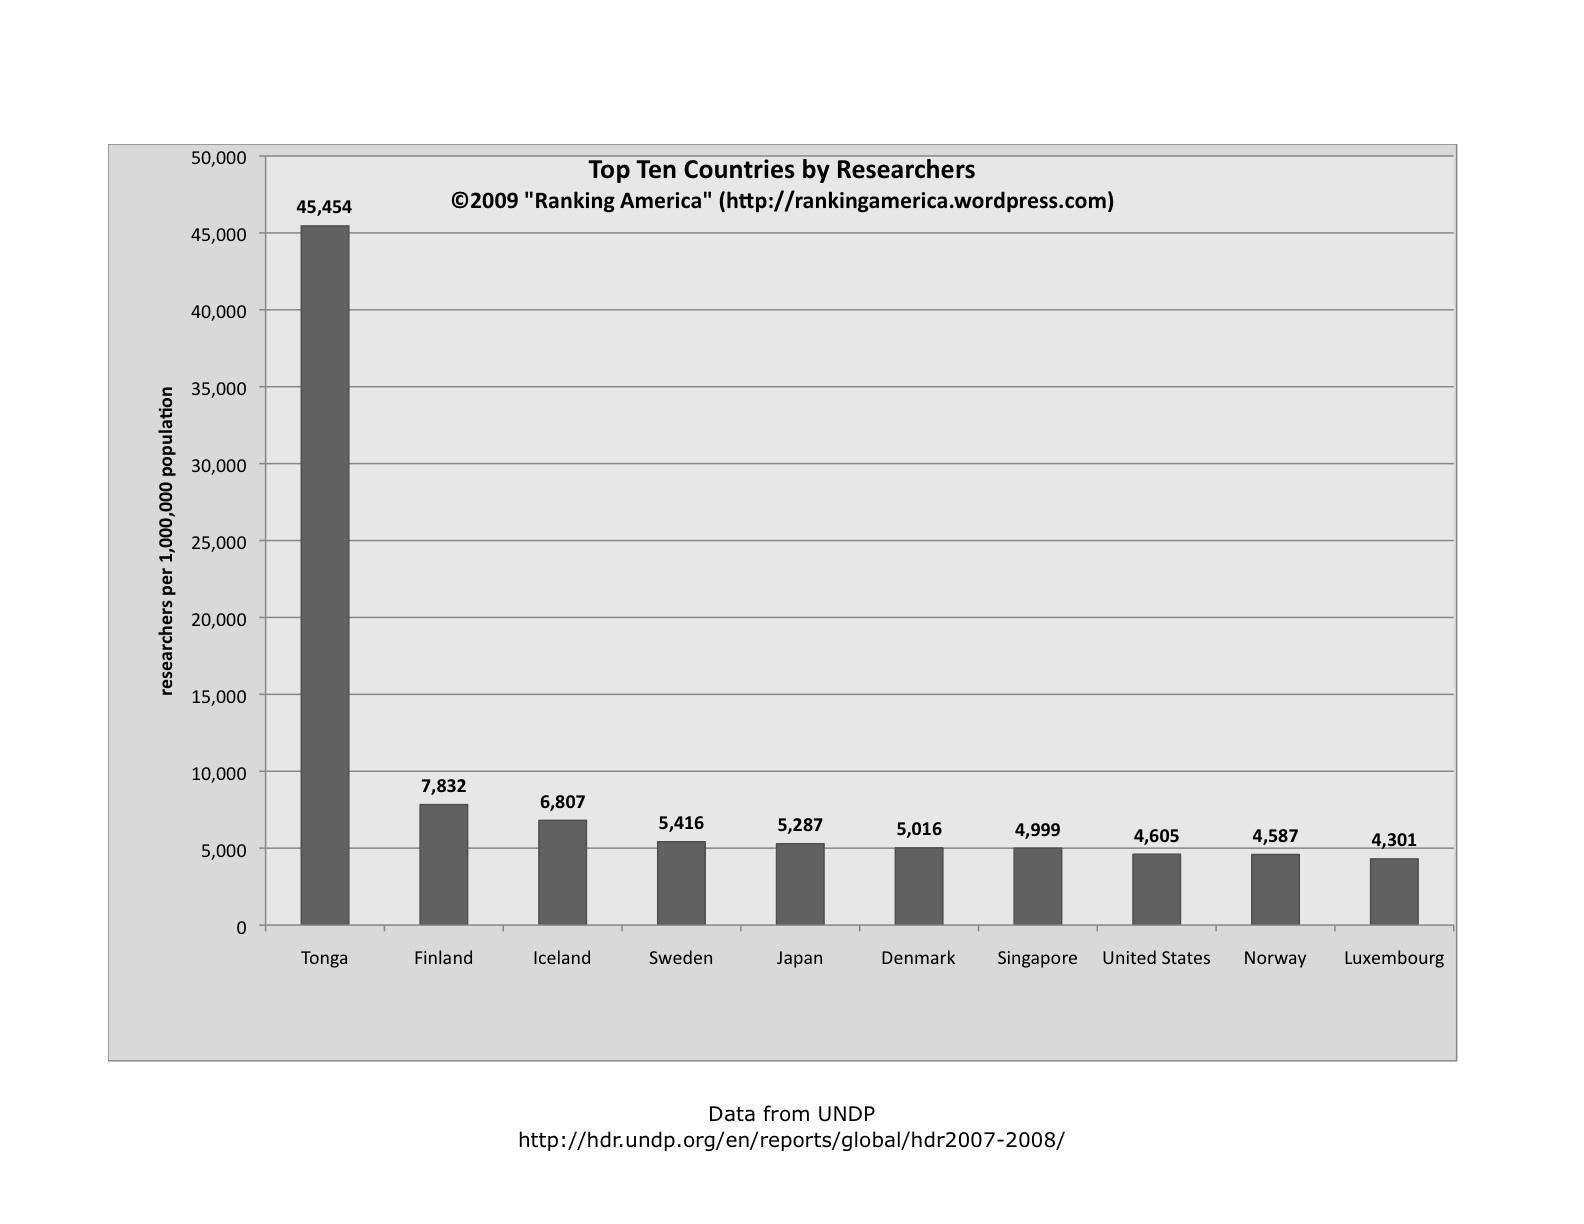 chart-of-researchersxlsx